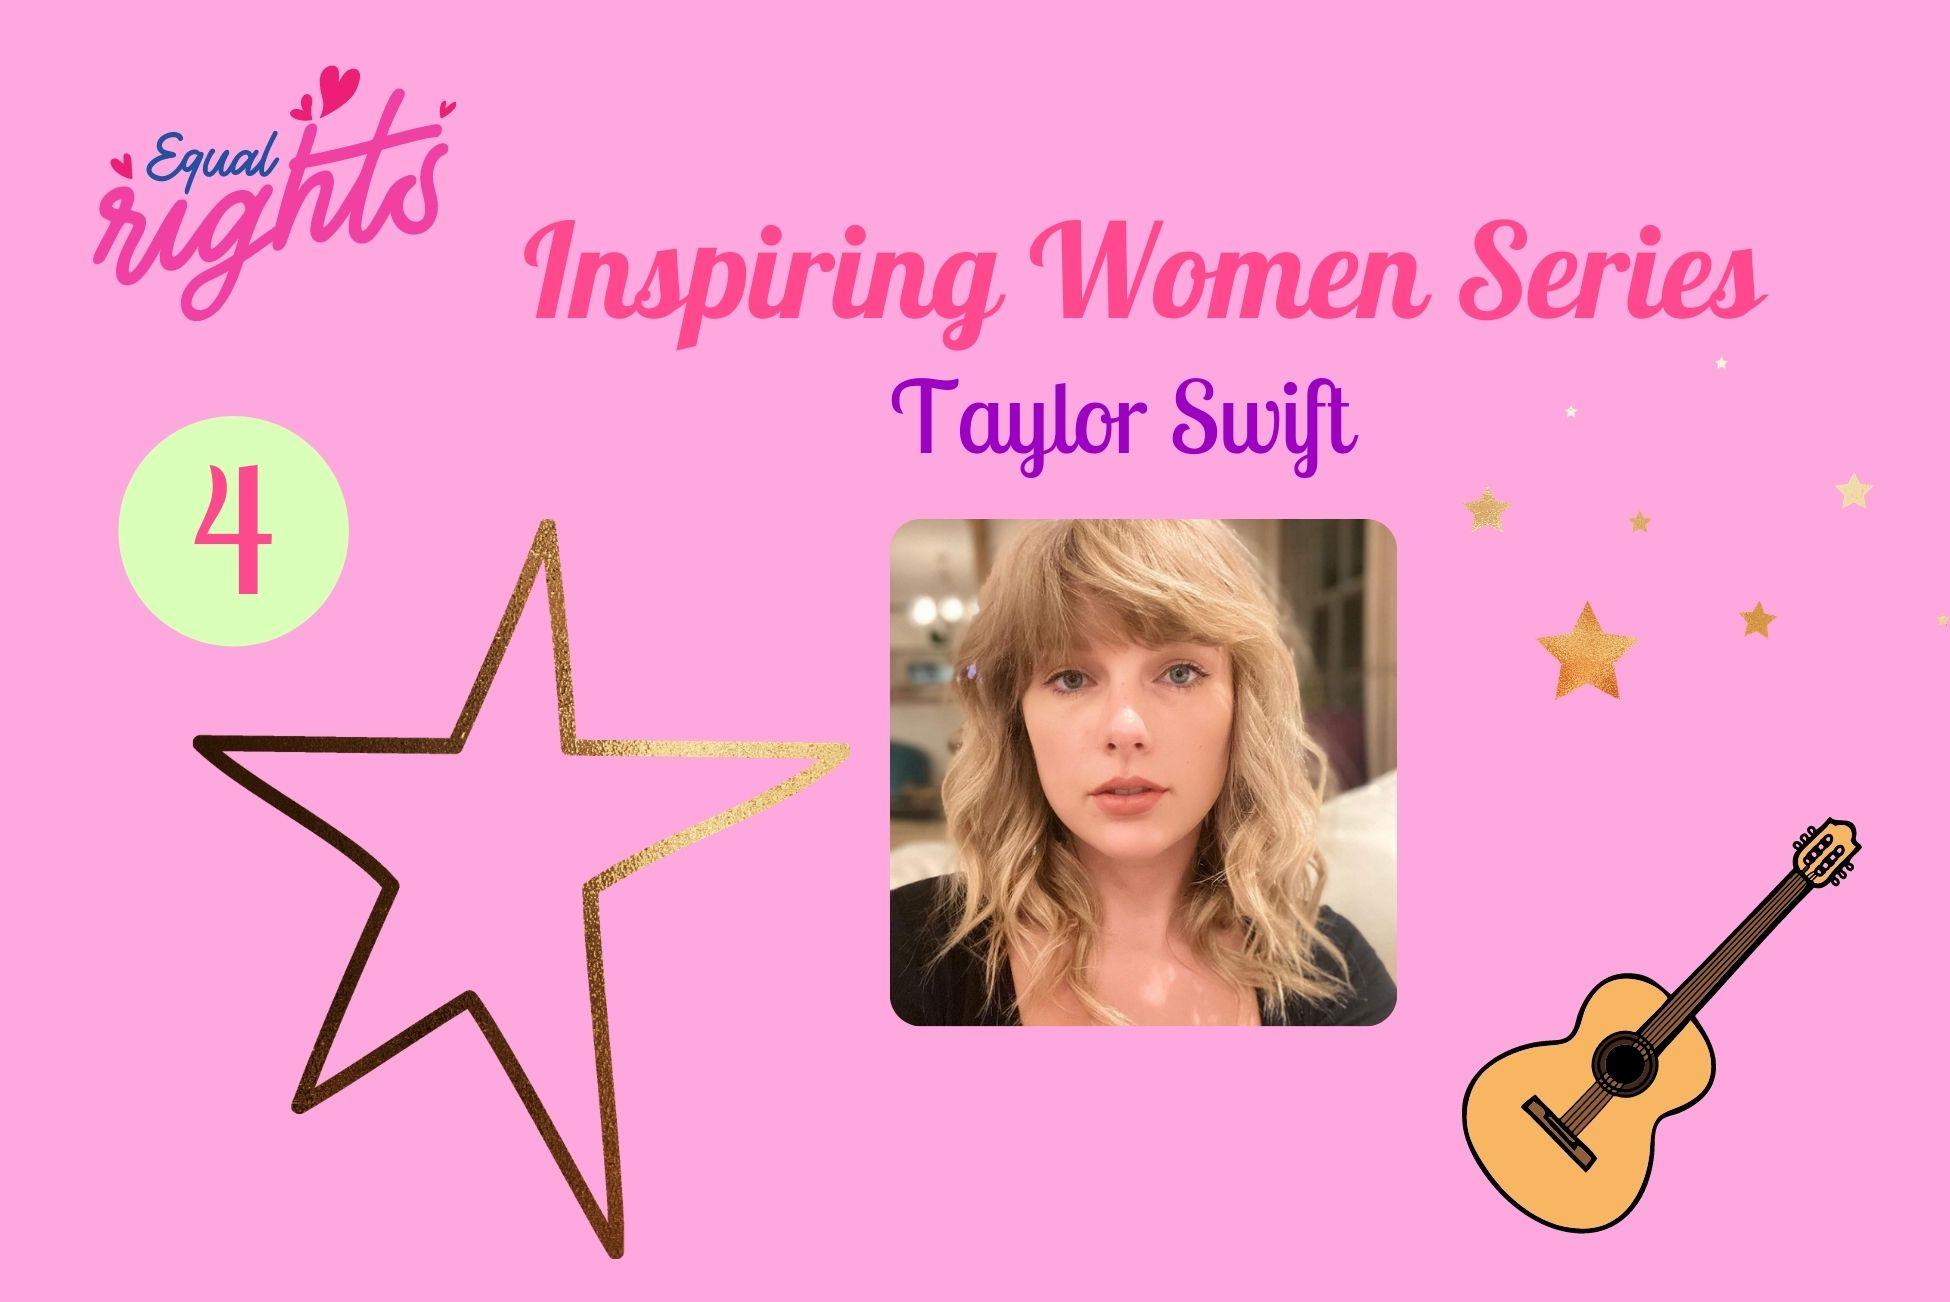 Inspiring Women Series – part 4: Taylor Swift